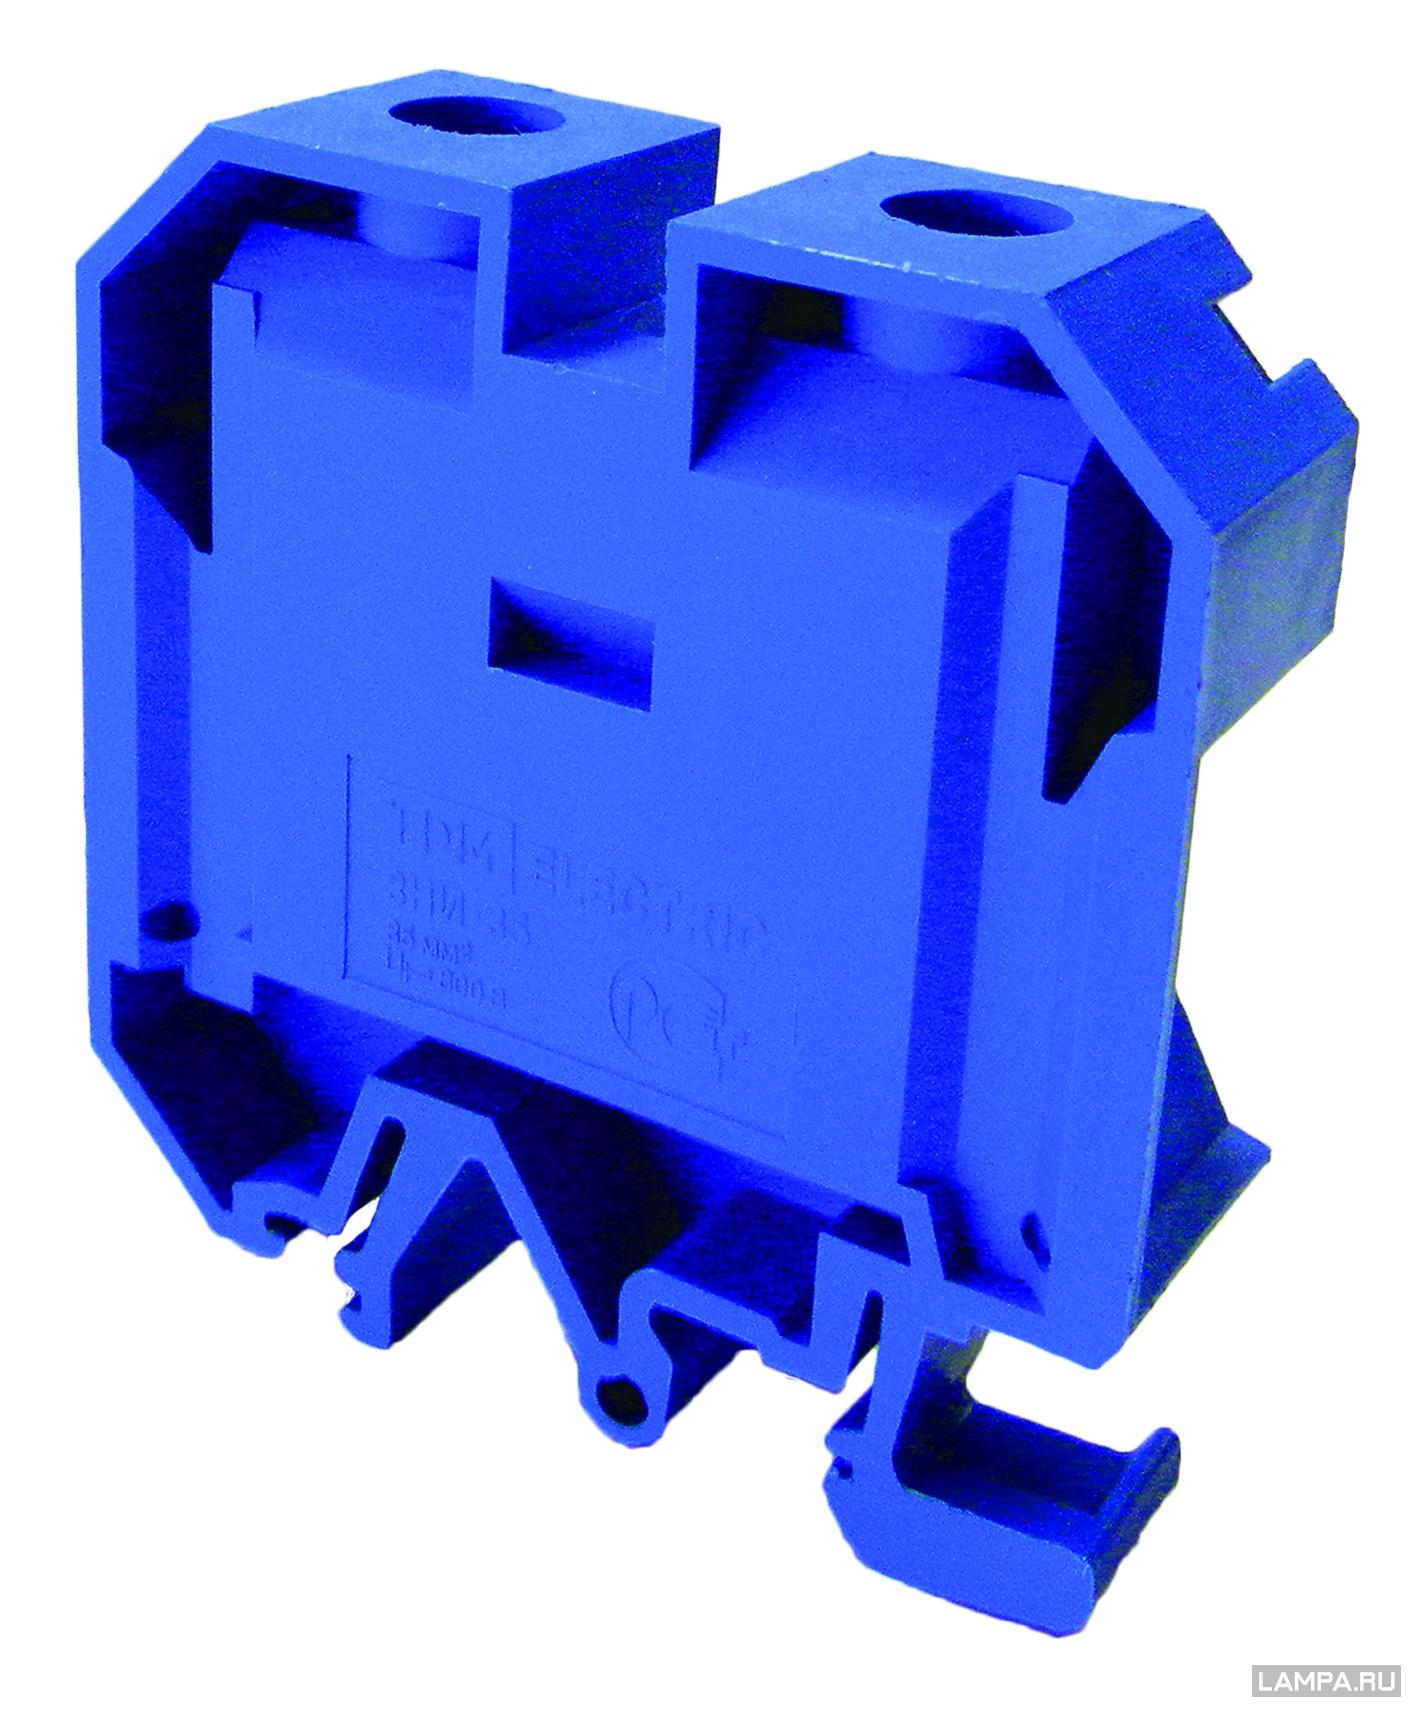 Зажим наборный ТДМАксессуары для электромонтажа<br>Тип аксессуара: зажим,<br>Степень защиты от пыли и влаги: IP 20,<br>Цвет: синий<br>